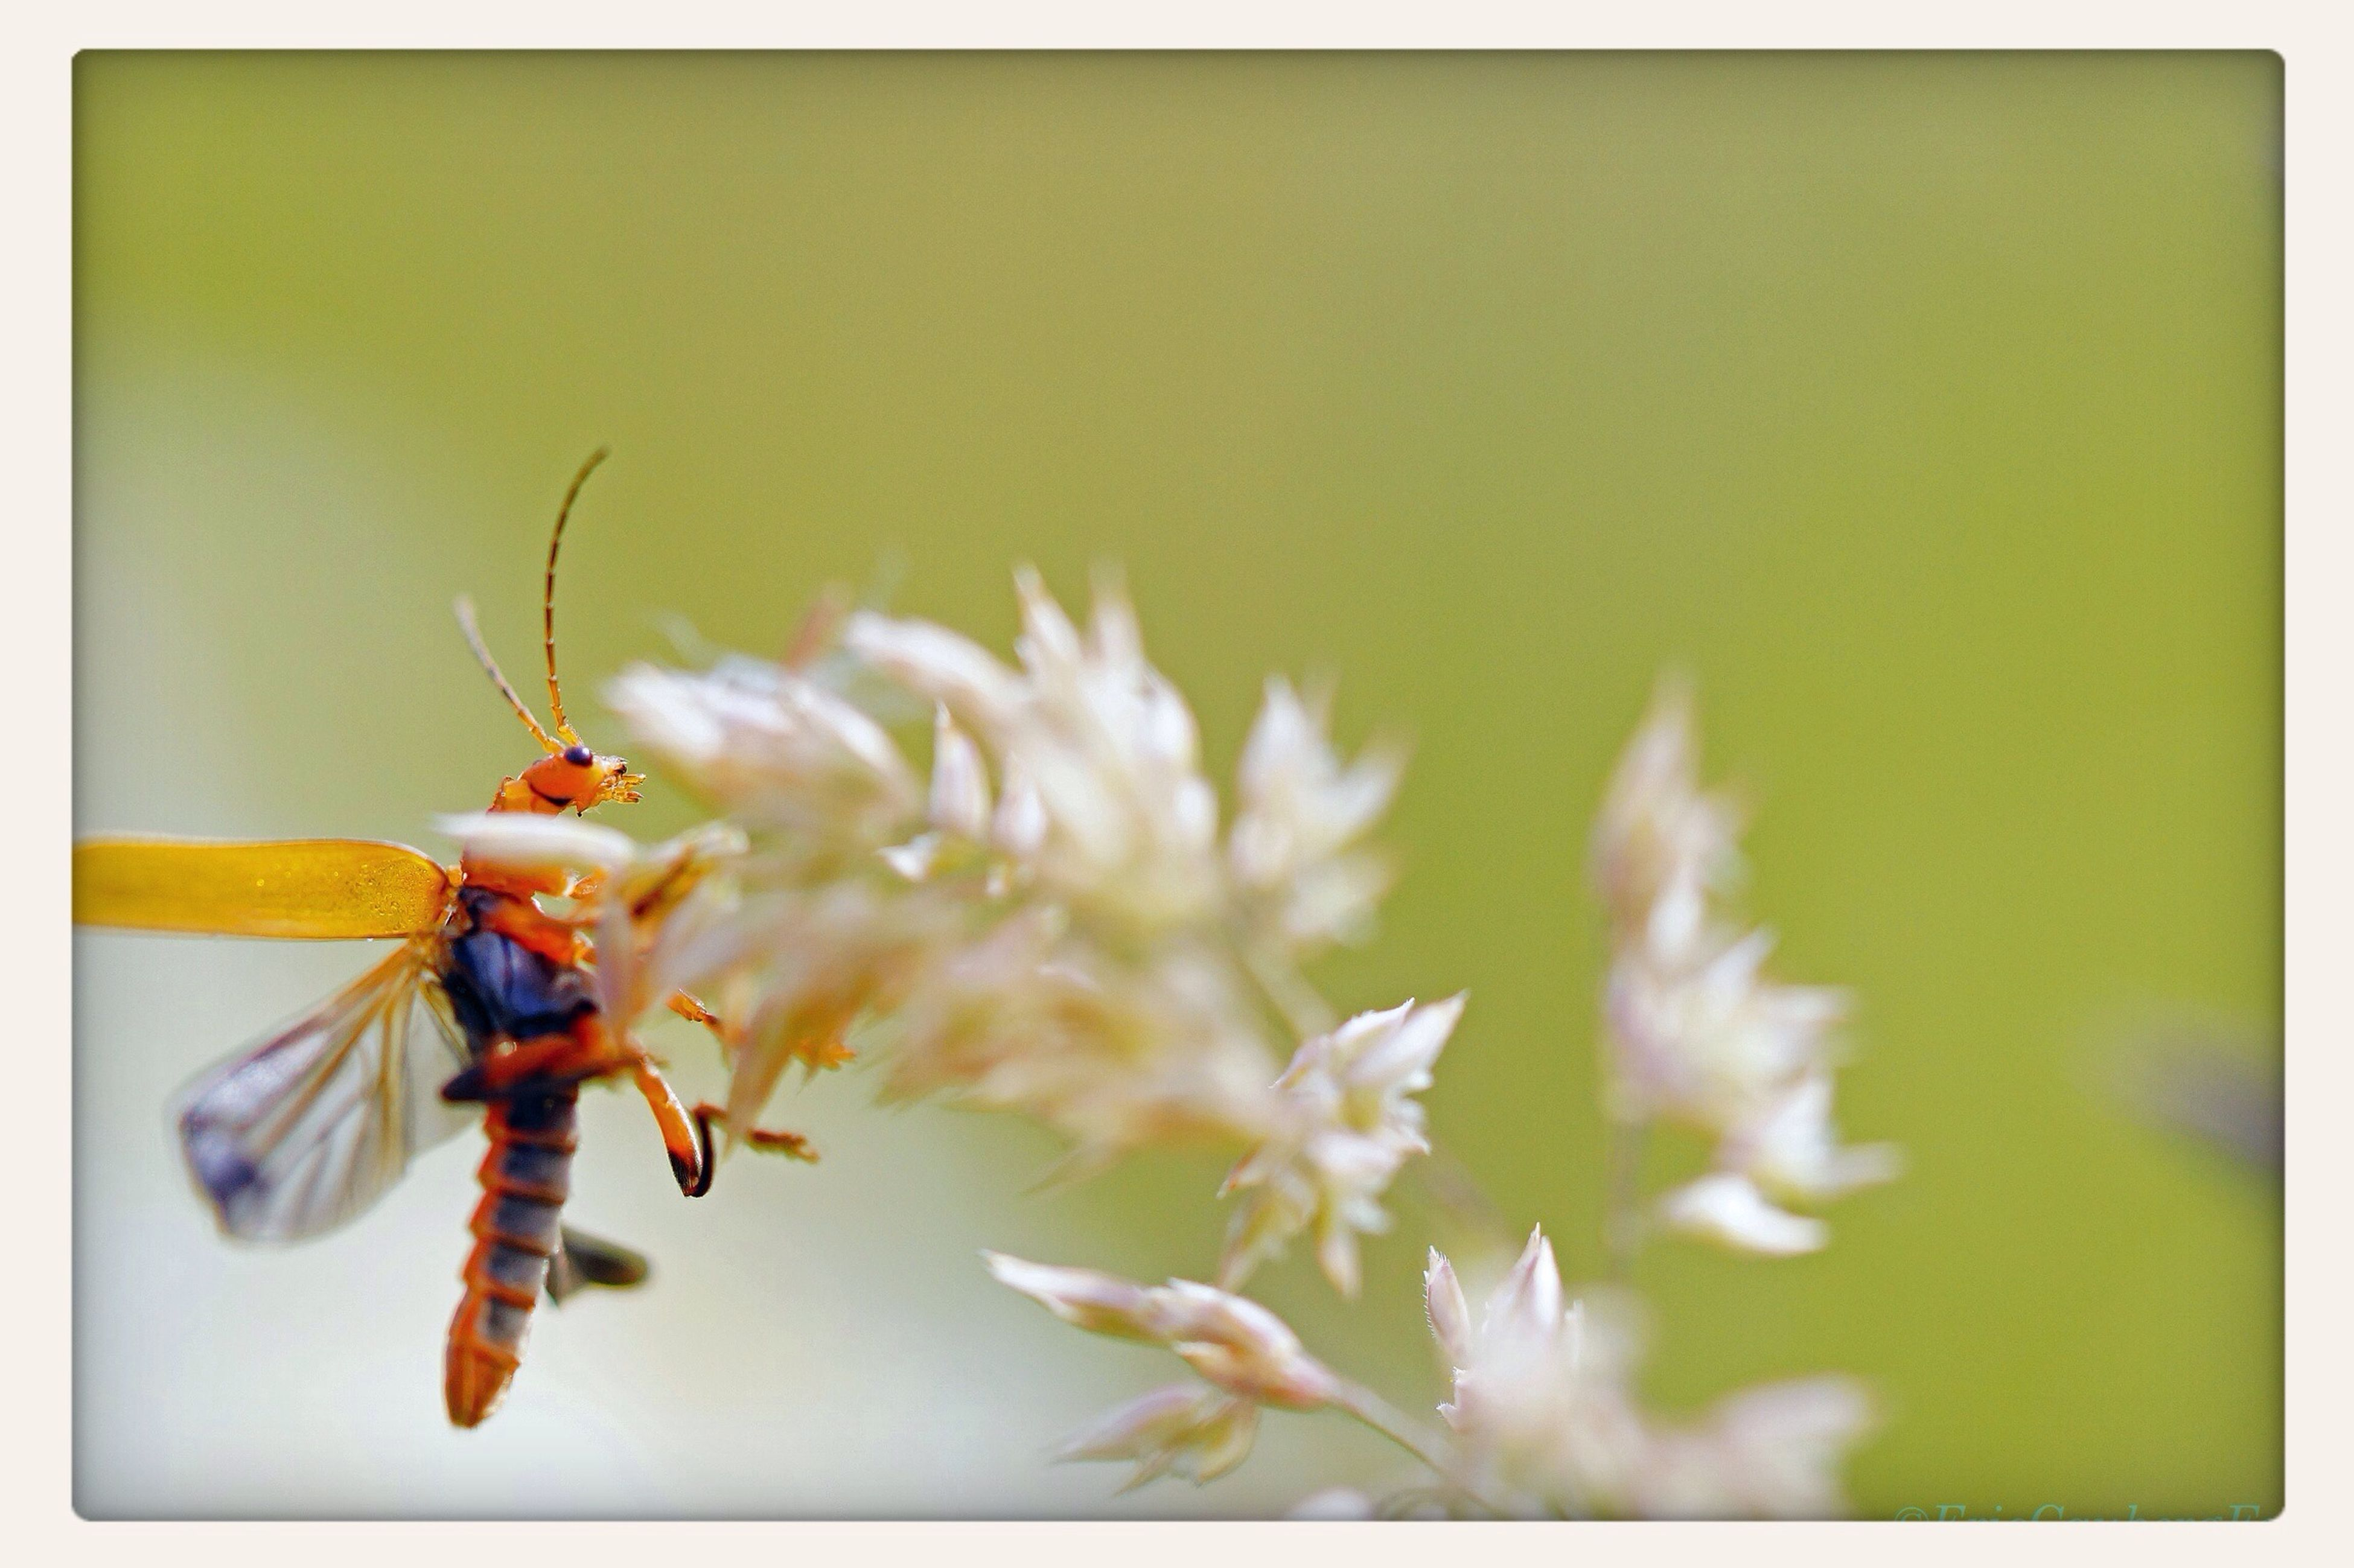 Bug Macro Close Up ready to depart... Popular Photos